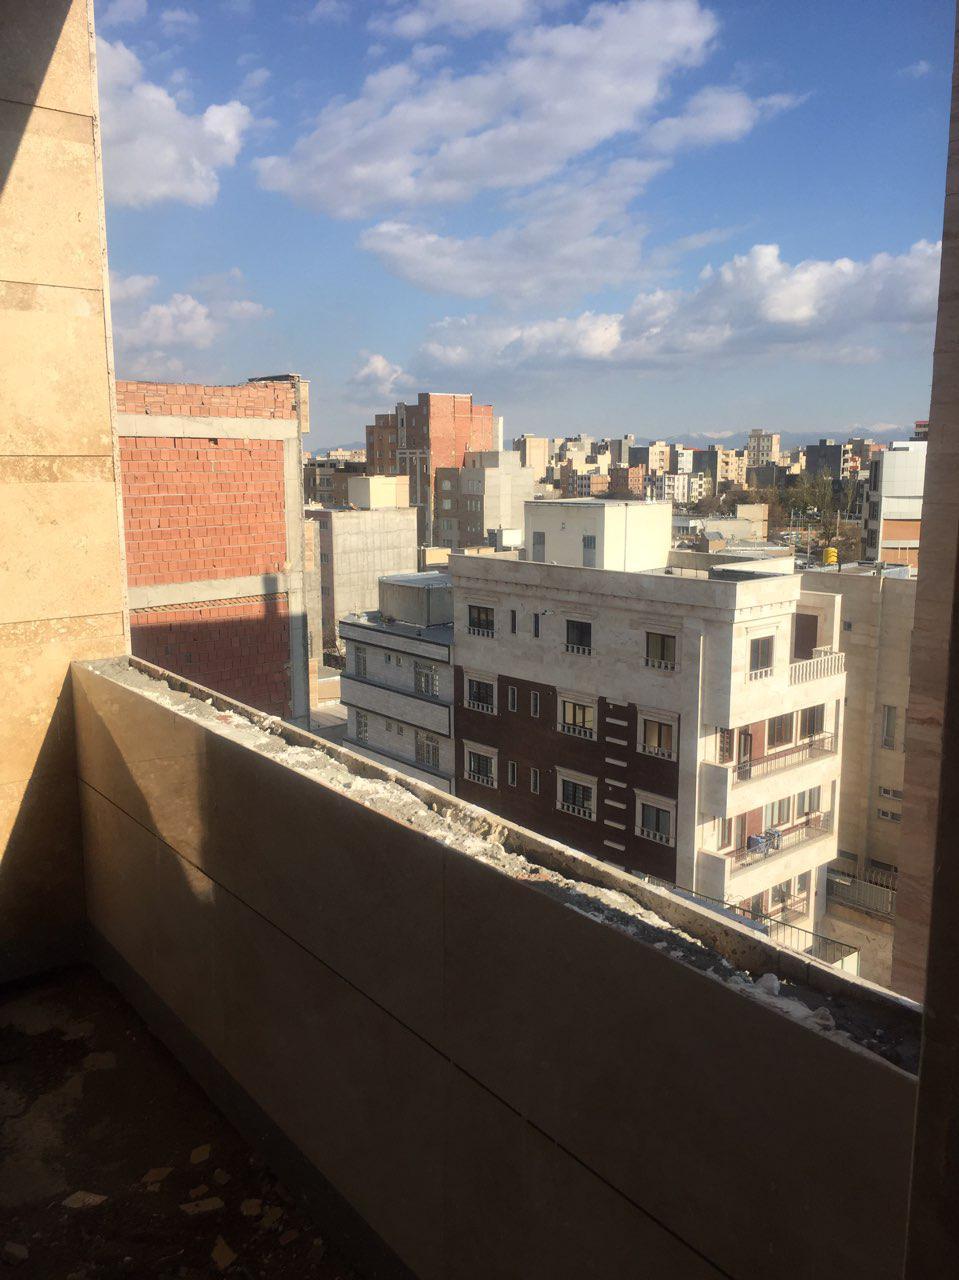 فروش طبقه ششم از آپارتمان 6 طبقه در خیابان معلم